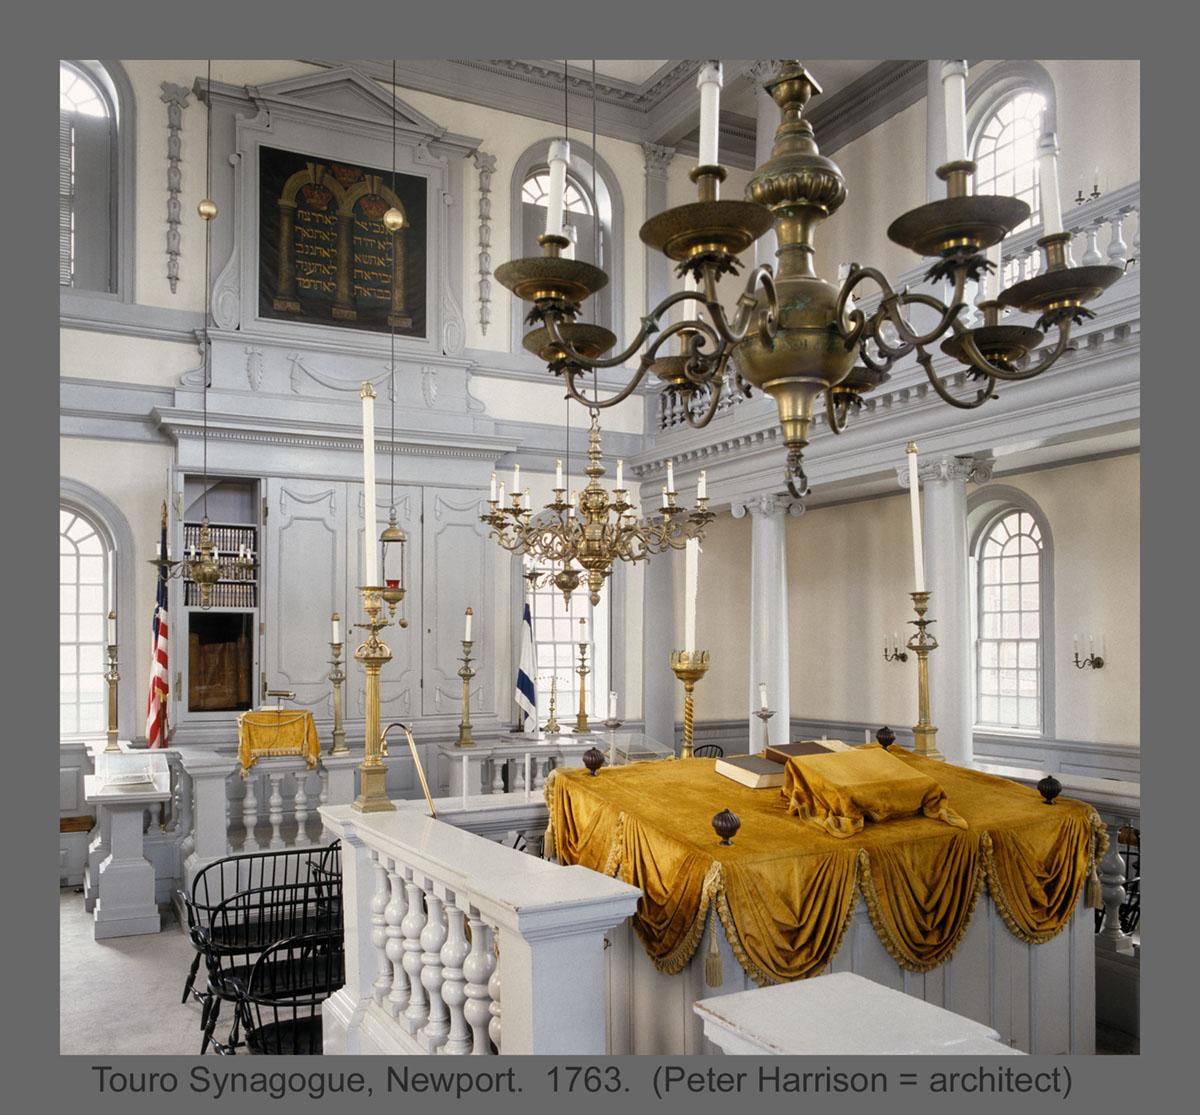 Touro Synagogue, Newport, RI